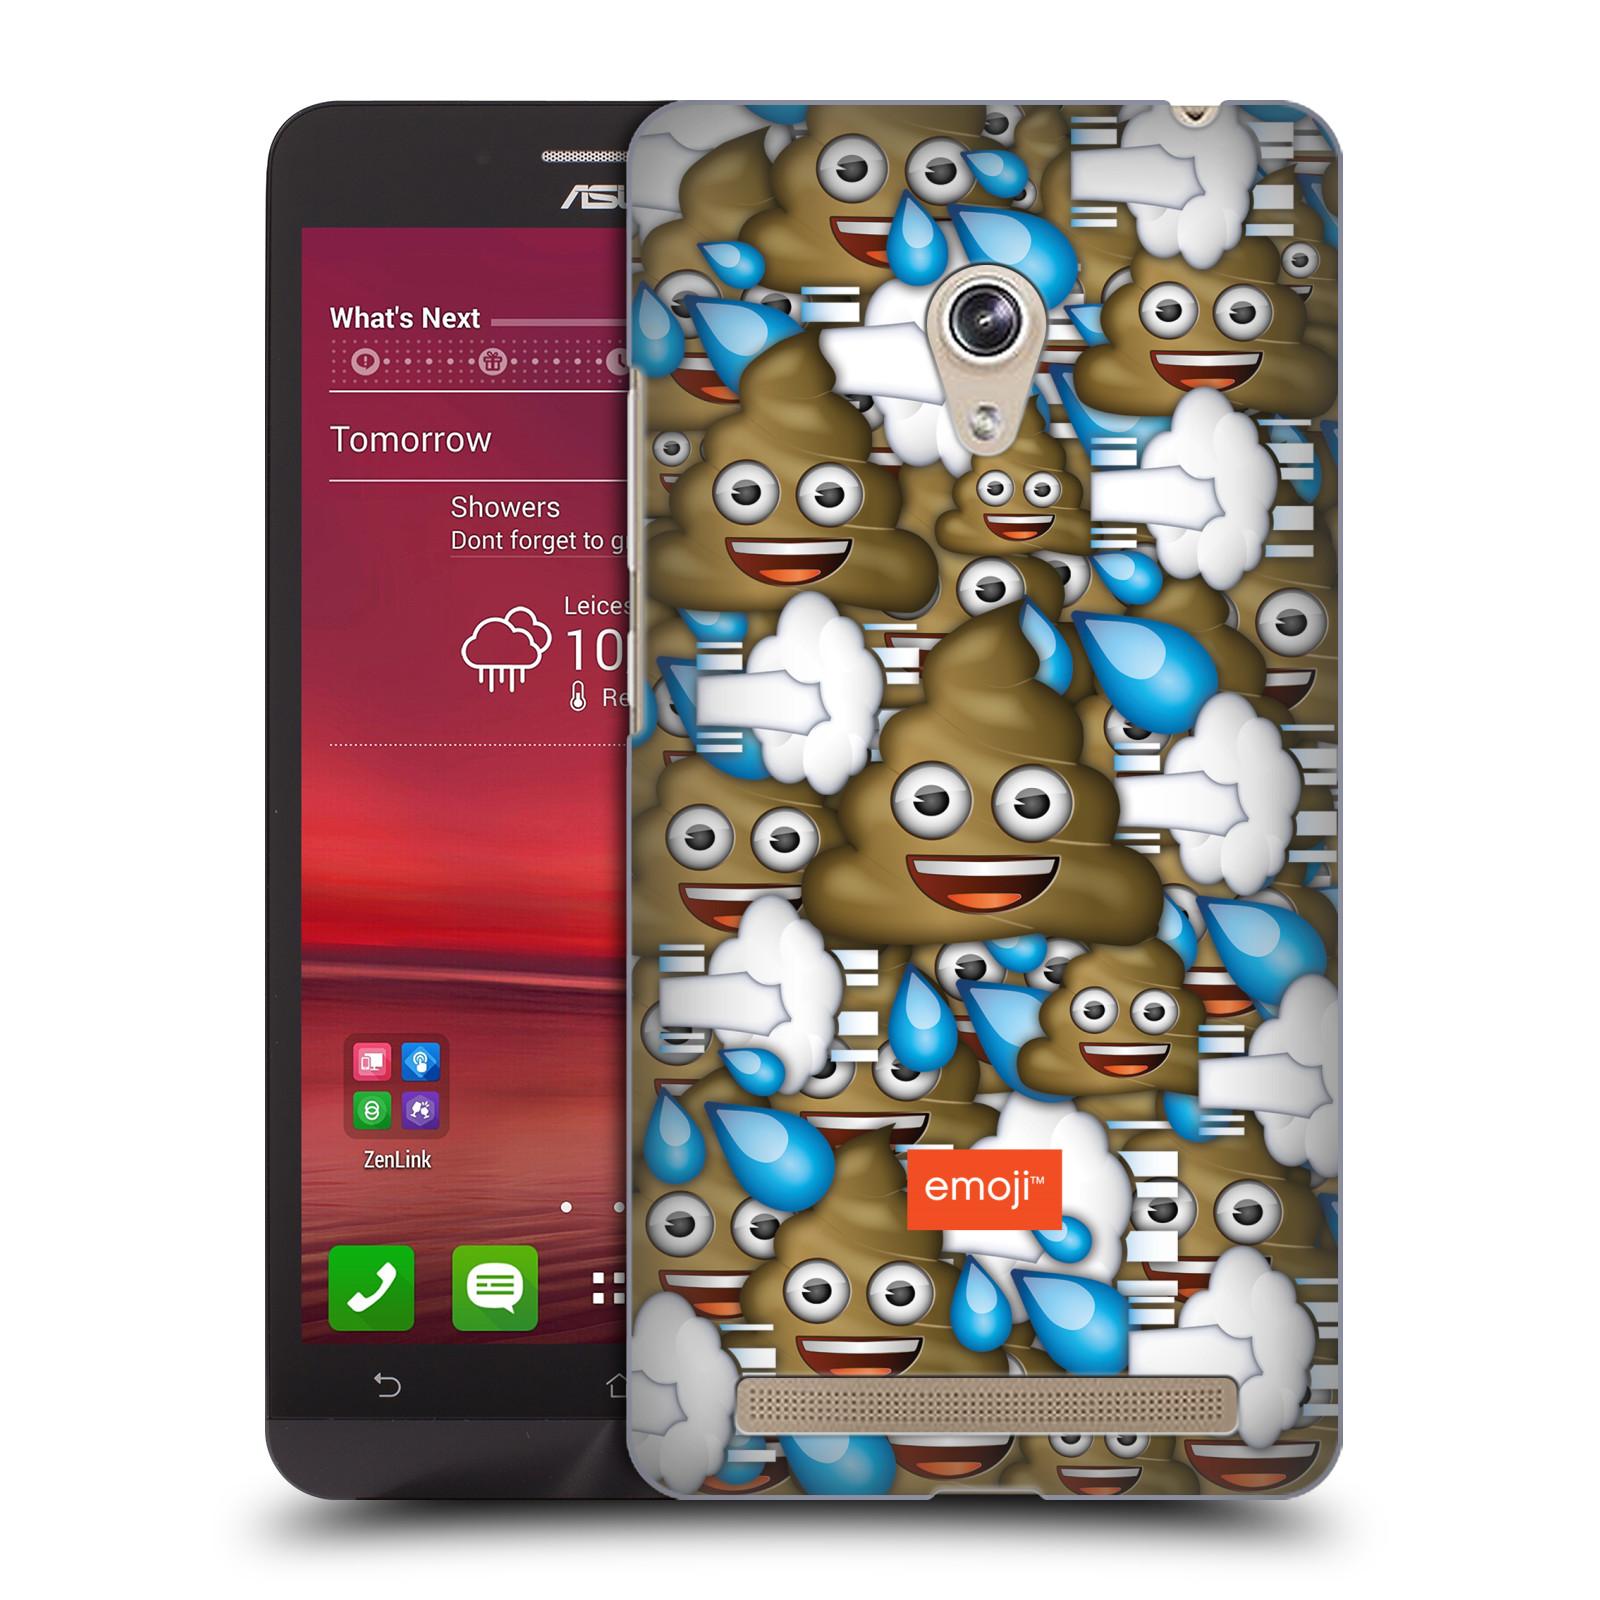 Plastové pouzdro na mobil Asus Zenfone 6 HEAD CASE EMOJI - Hovínka a prdíky (Kryt či obal s oficiálním motivem EMOJI na mobilní telefon Asus Zenfone 6 A600CG / A601CG)